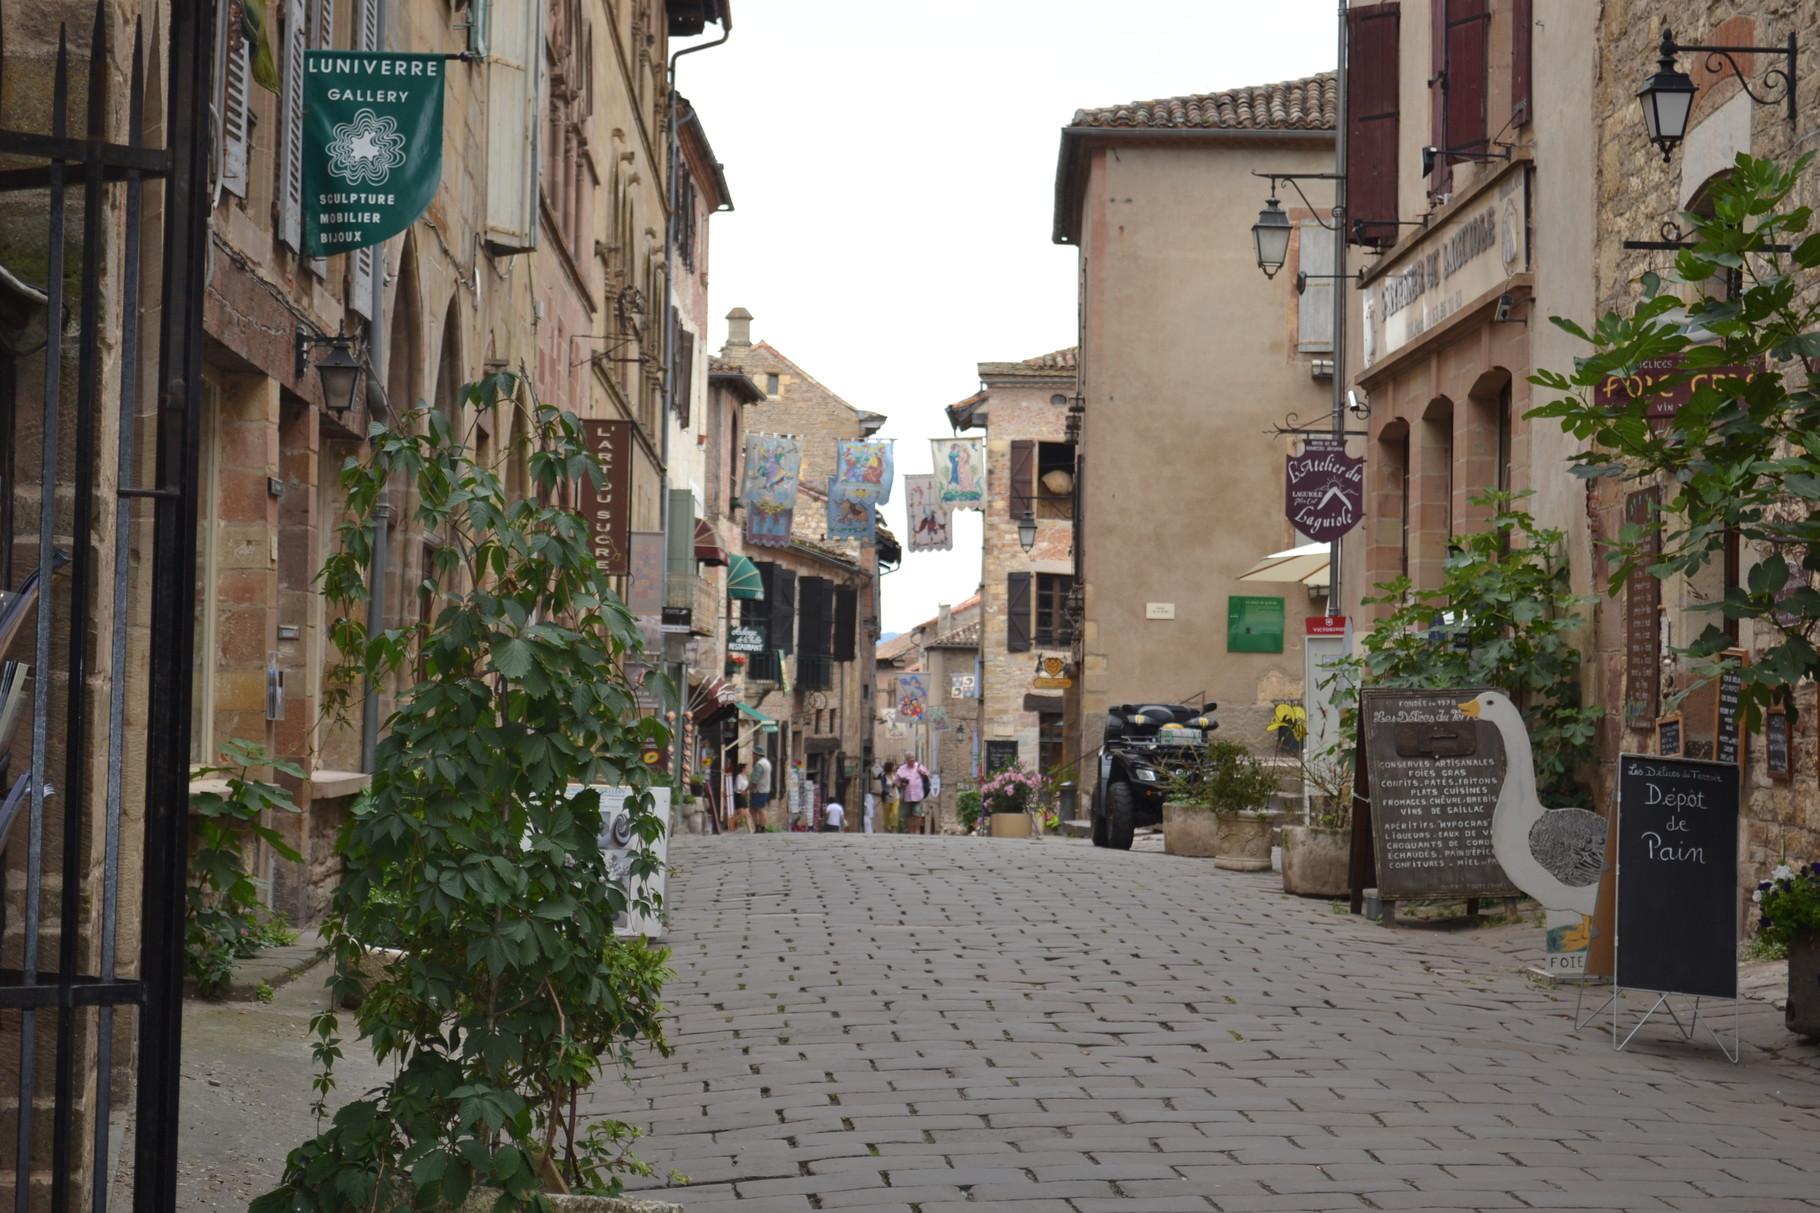 CORDES SUR CIEL La grand-rue menant à la place centrale